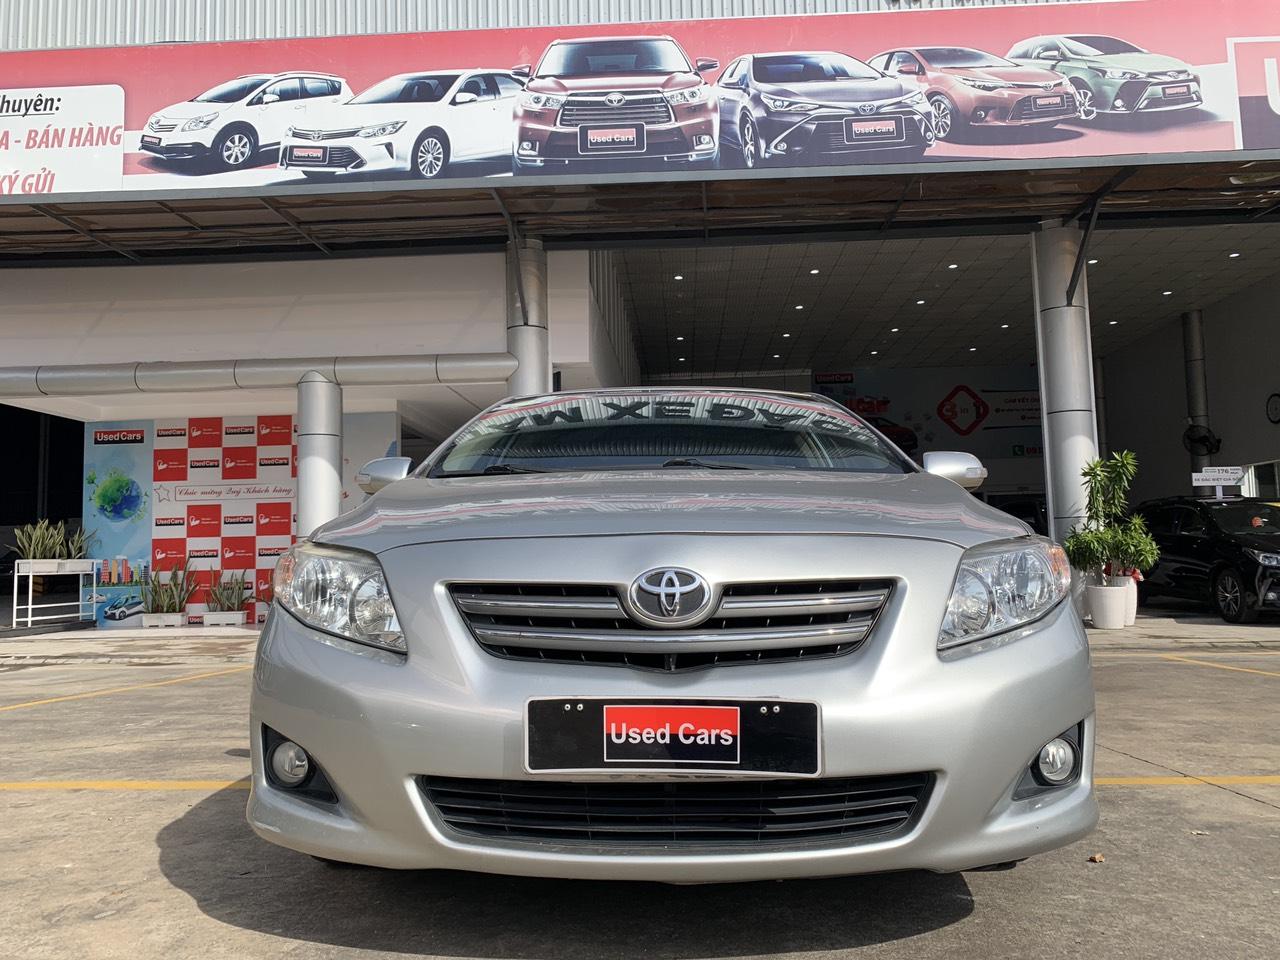 Cần bán xe Toyota Corolla Altis 1.8G đời 2010, màu bạc